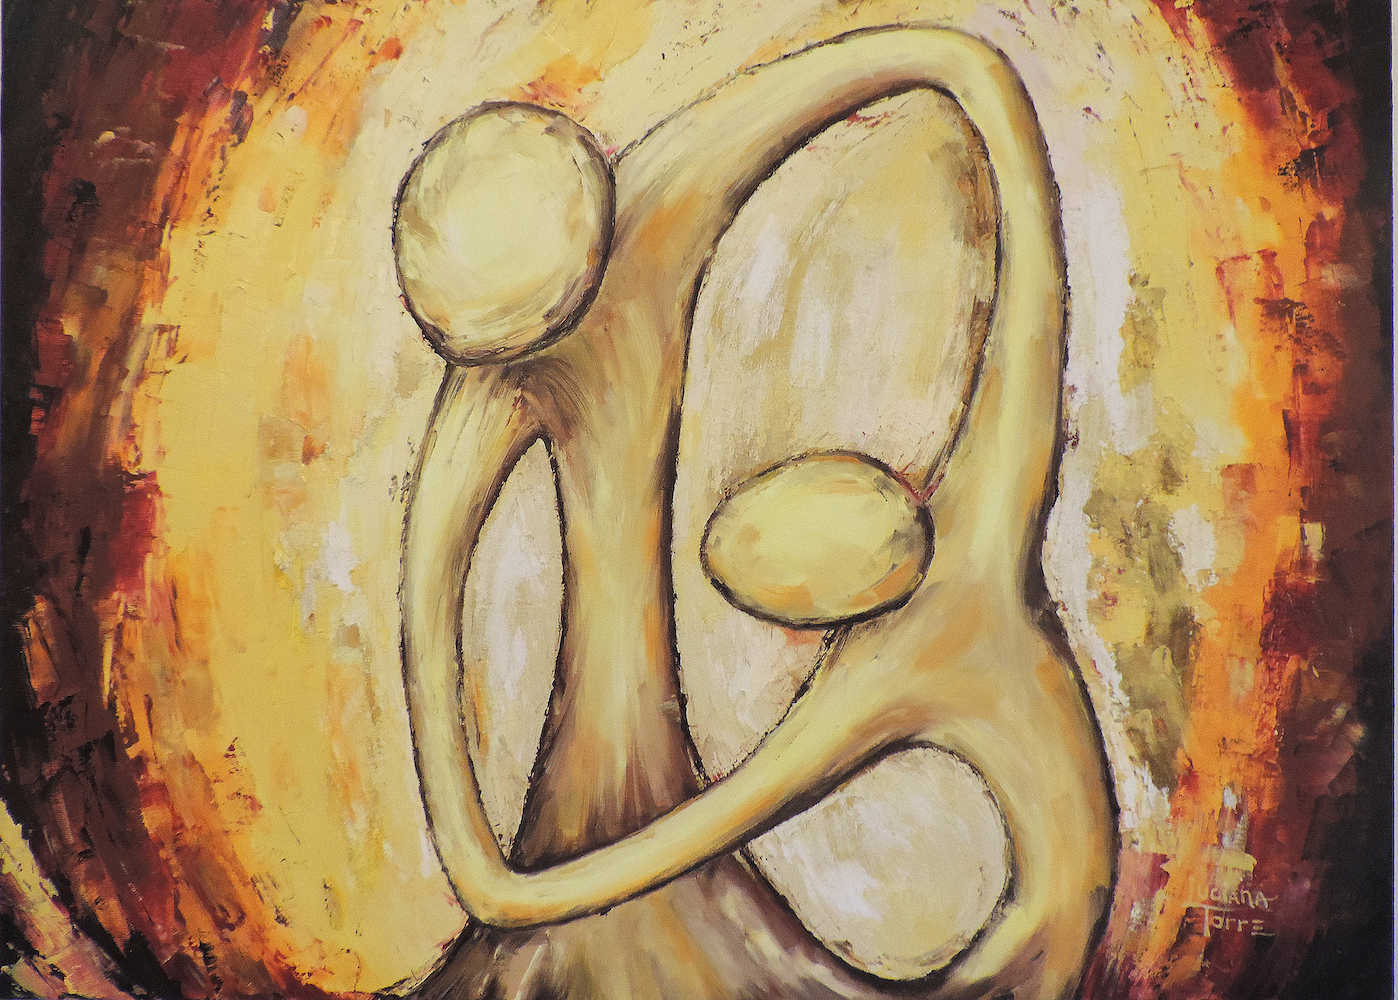 Pintura a oleo del tango argentino de la artista Luciana Torre. Cuadro de la serie 'Danza ligera en el viento'. Creación unica de 50 x 70 cm. €110,00 Decora tu casa con piezas de arte accesibles y modernas. He plasmado los gestos cómplices característicos del tango argentino, privilegiando el profundo sentido de reciprocidad que une los bailarines de arrabal. La figuras estilizadas, las lineas curvas y cargadas de textura, la elección de colores cálidos y vivaces, resaltan la sinergia acompasada de la danza tanguera. Encuentras la serie completa su https://lucianatorre.com/shop/mandala-tango/